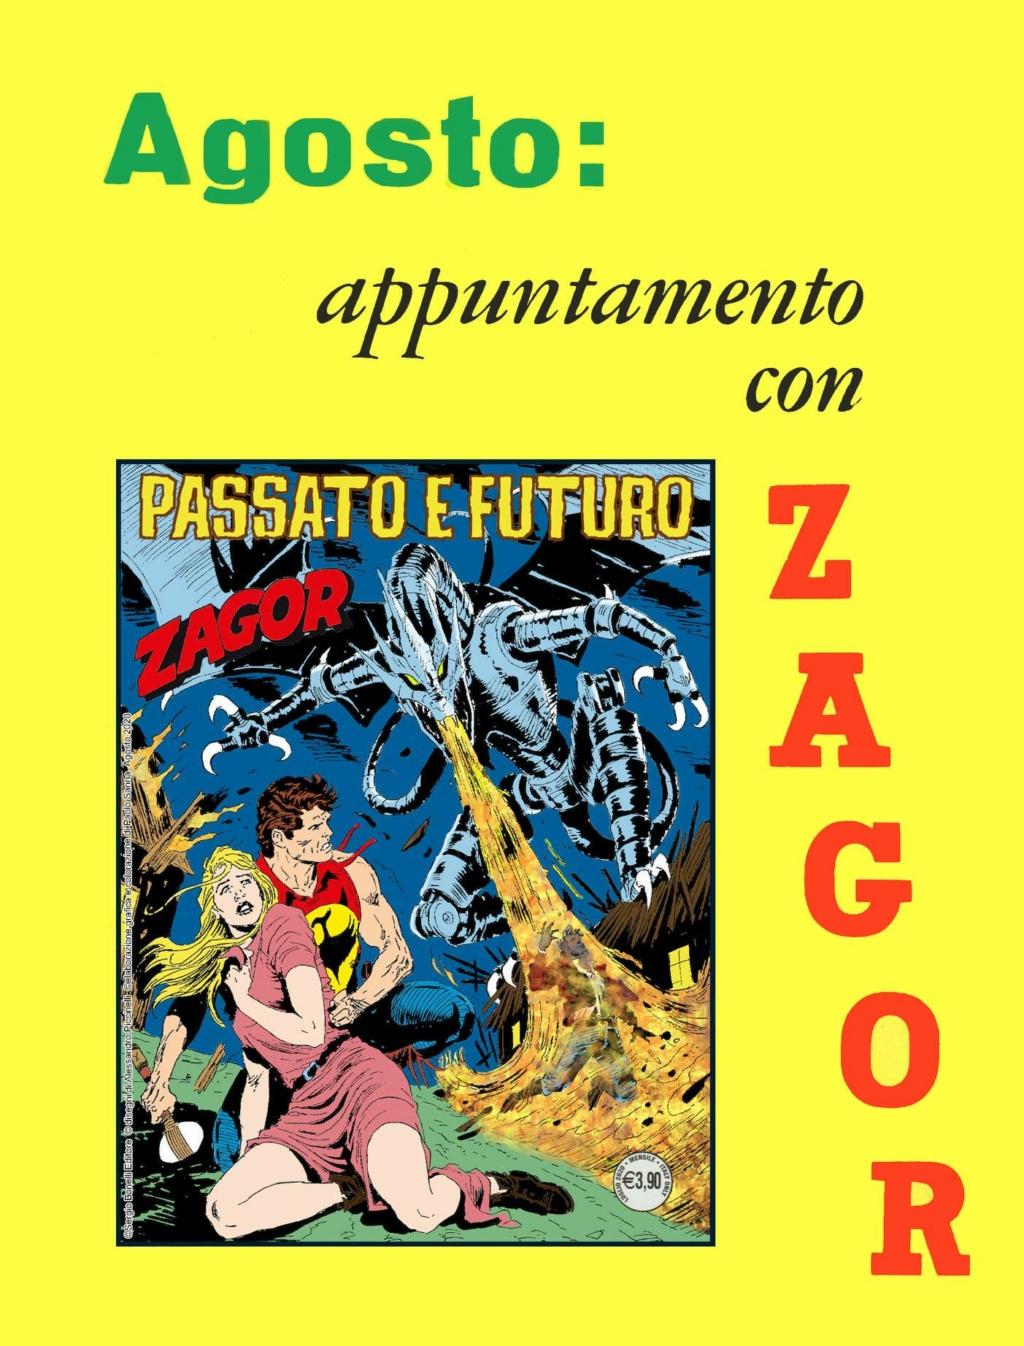 Le creazioni di Paolo Sanna - Pagina 5 11716310